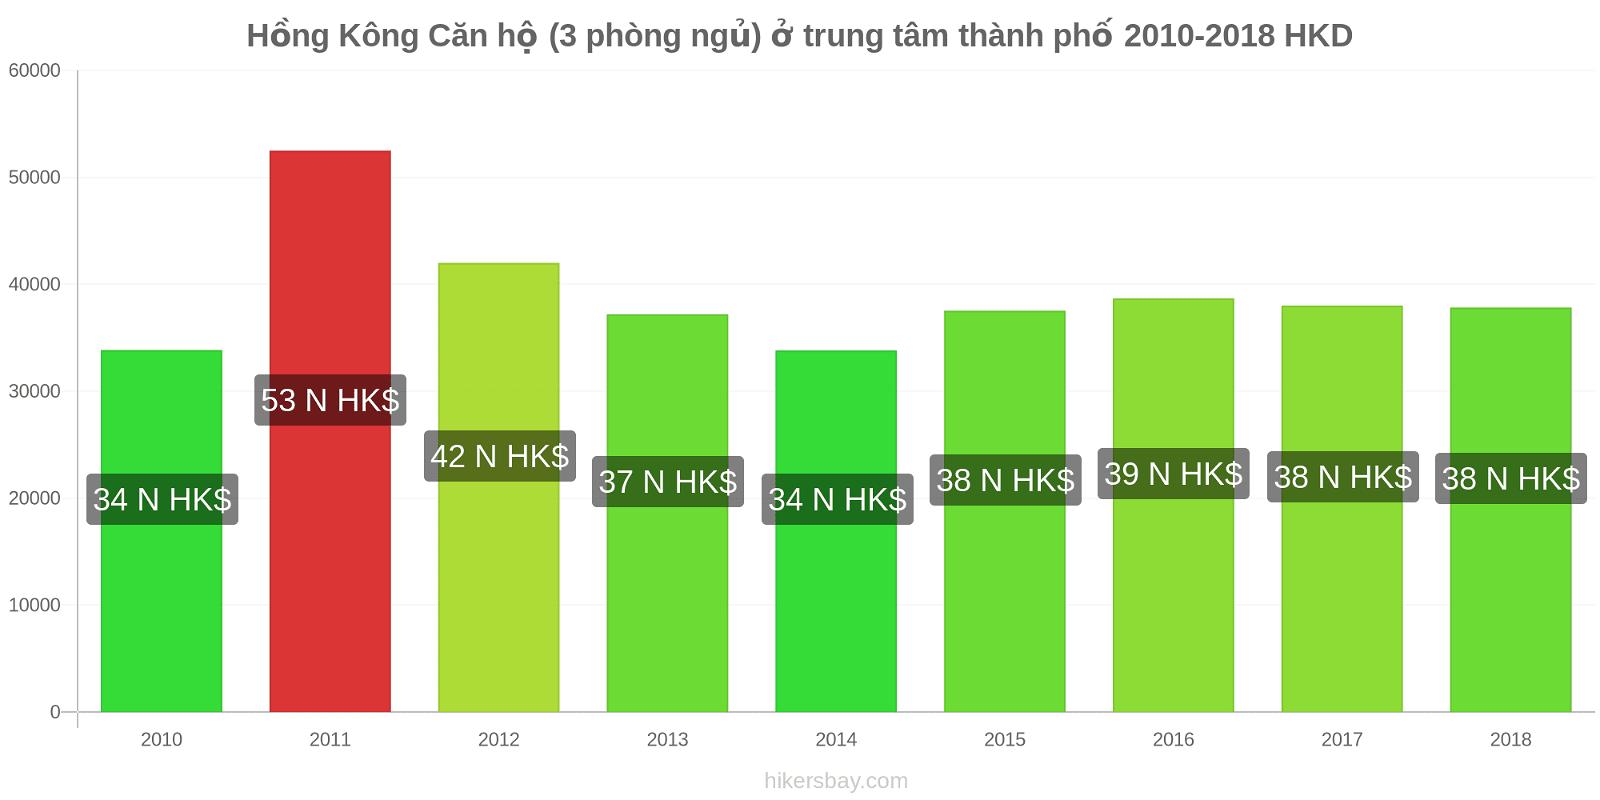 Hồng Kông thay đổi giá Căn hộ (3 phòng ngủ) ở trung tâm thành phố hikersbay.com